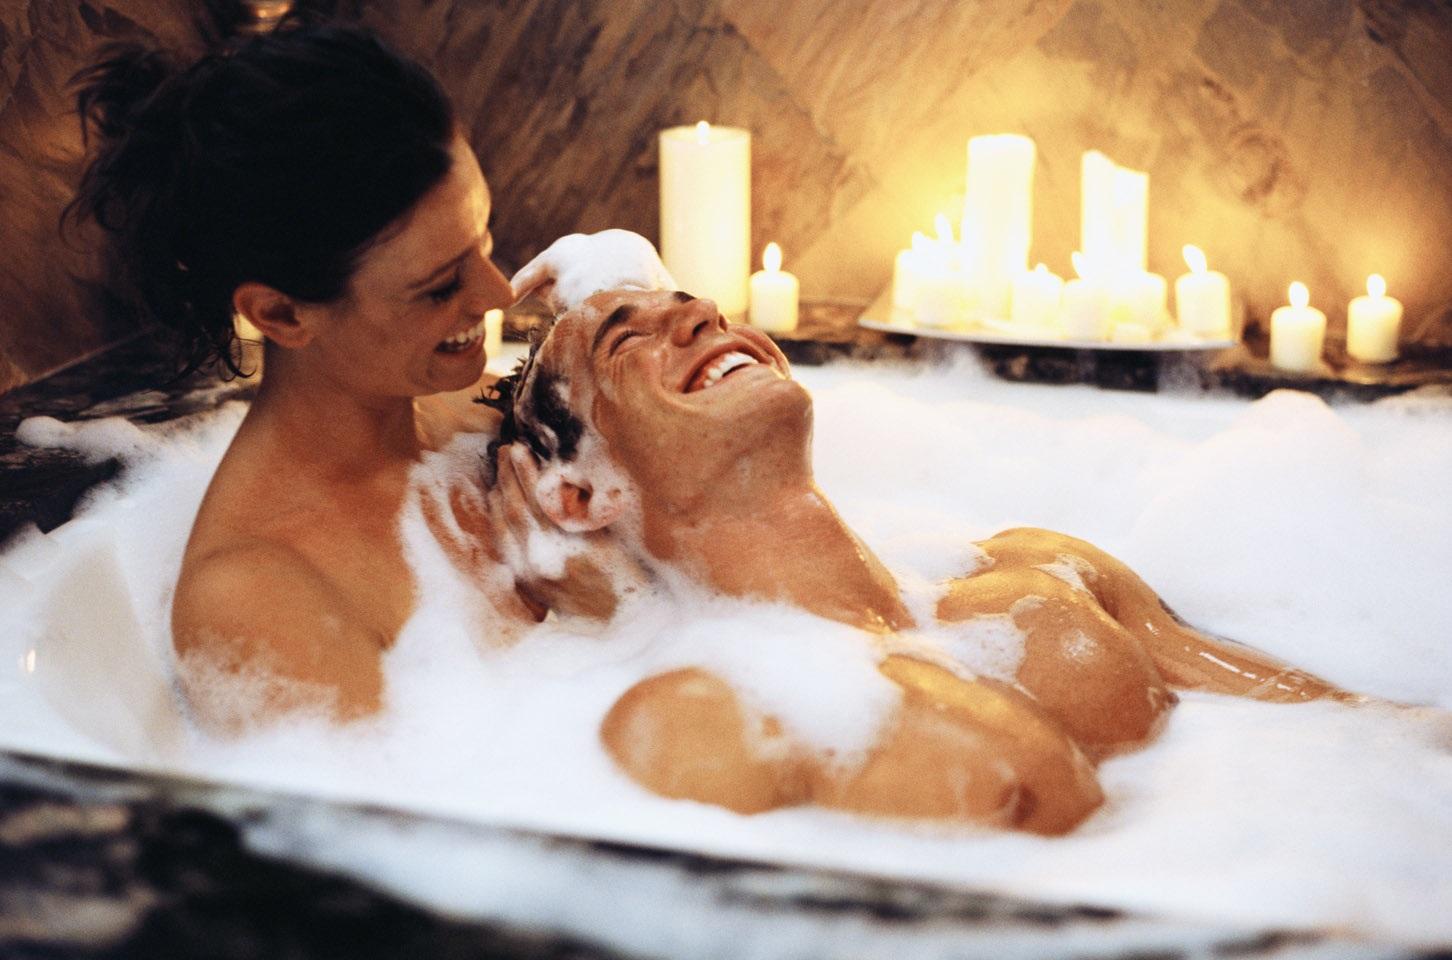 Секс молодых в ванне, Русское порно видео с тегом В ванной бесплатно 6 фотография